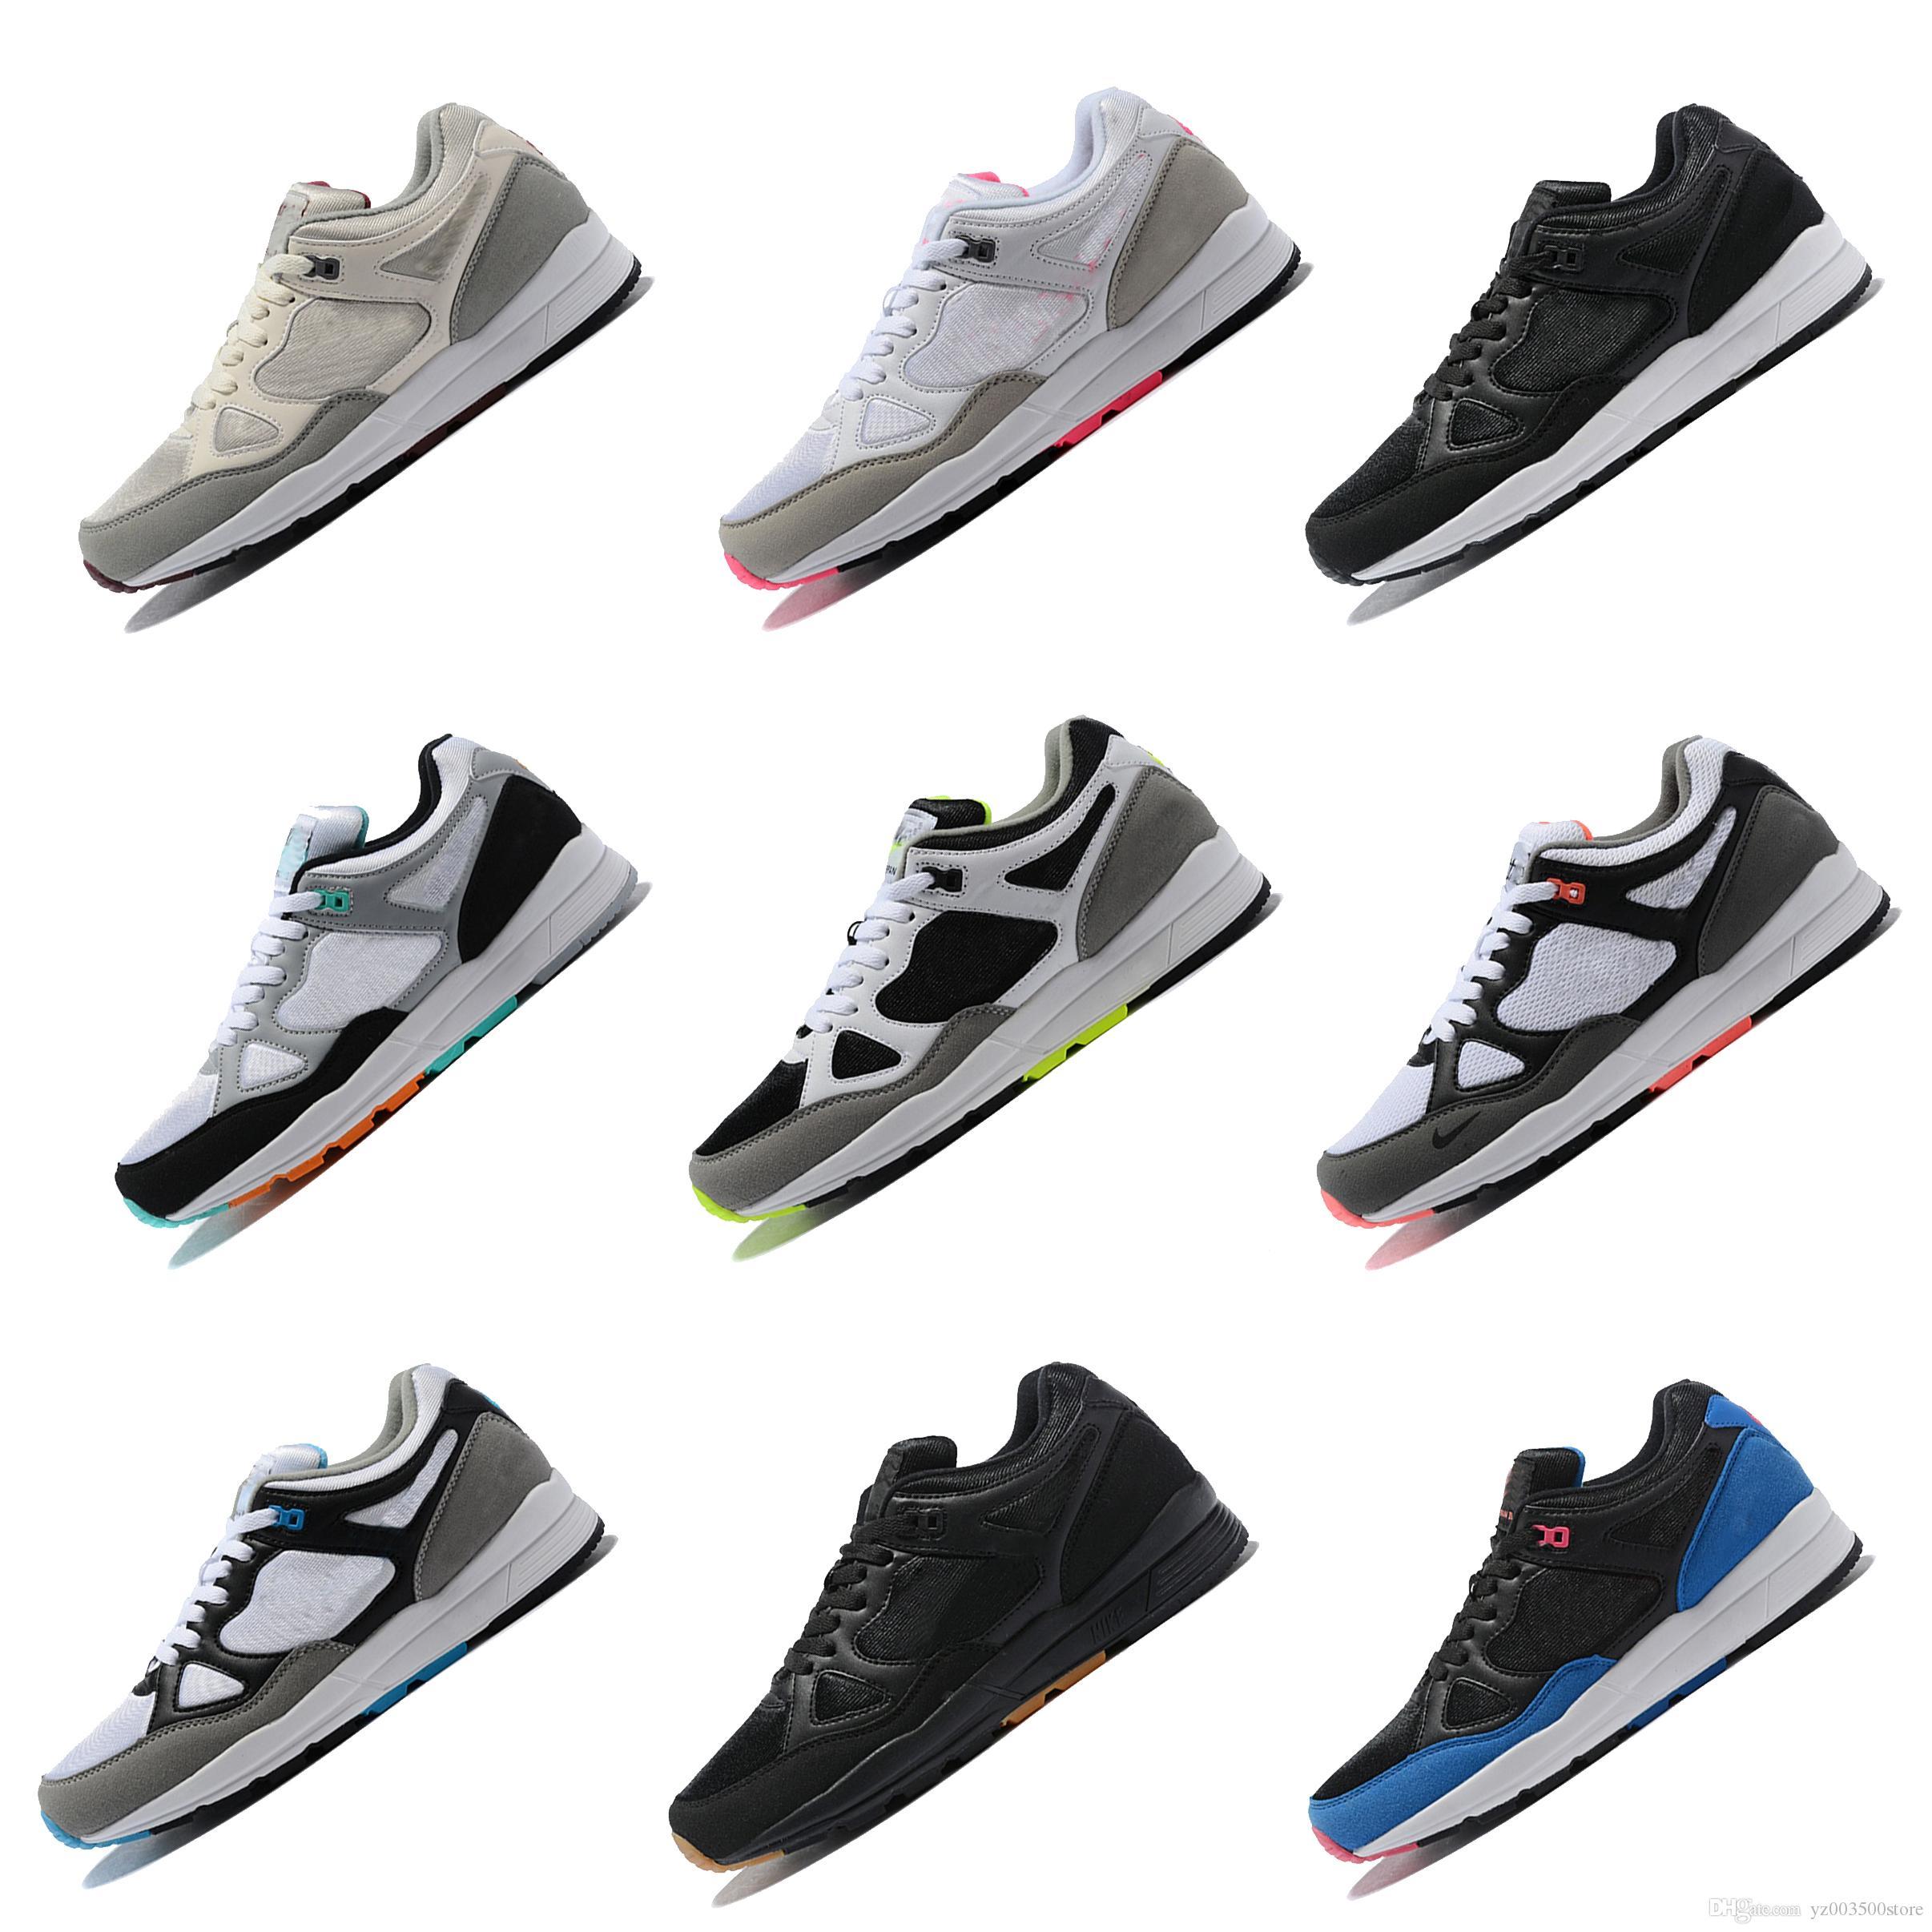 best service 3ea92 e6fb2 Acheter Nike Air Span II Hommes Span II Chaussures De Course, Taille 40 45,  Renforts En Cuir Synthétique Mousse De Semelle, Semelle En Caoutchouc  Chaussures ...